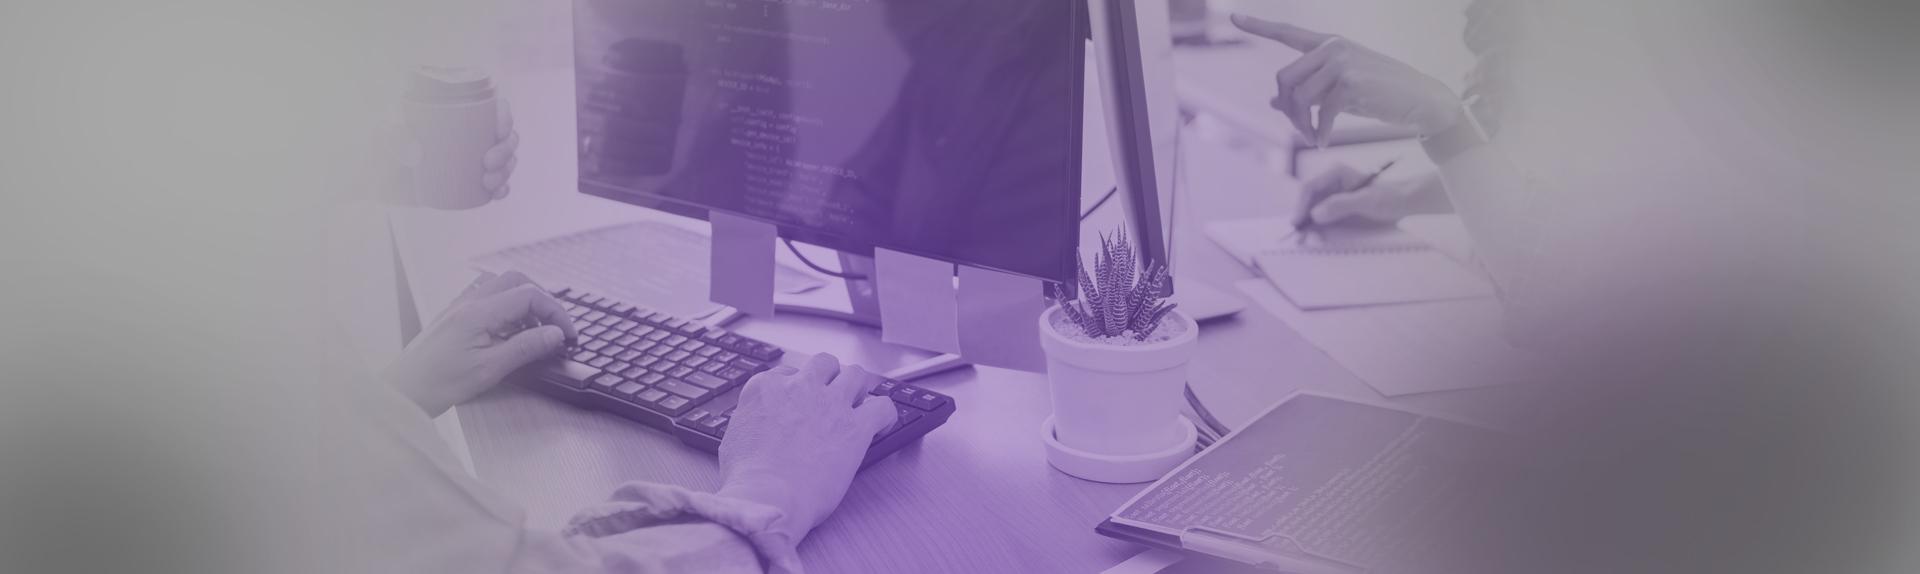 Conception de sites internet pour les entreprises et associations Montalbanais